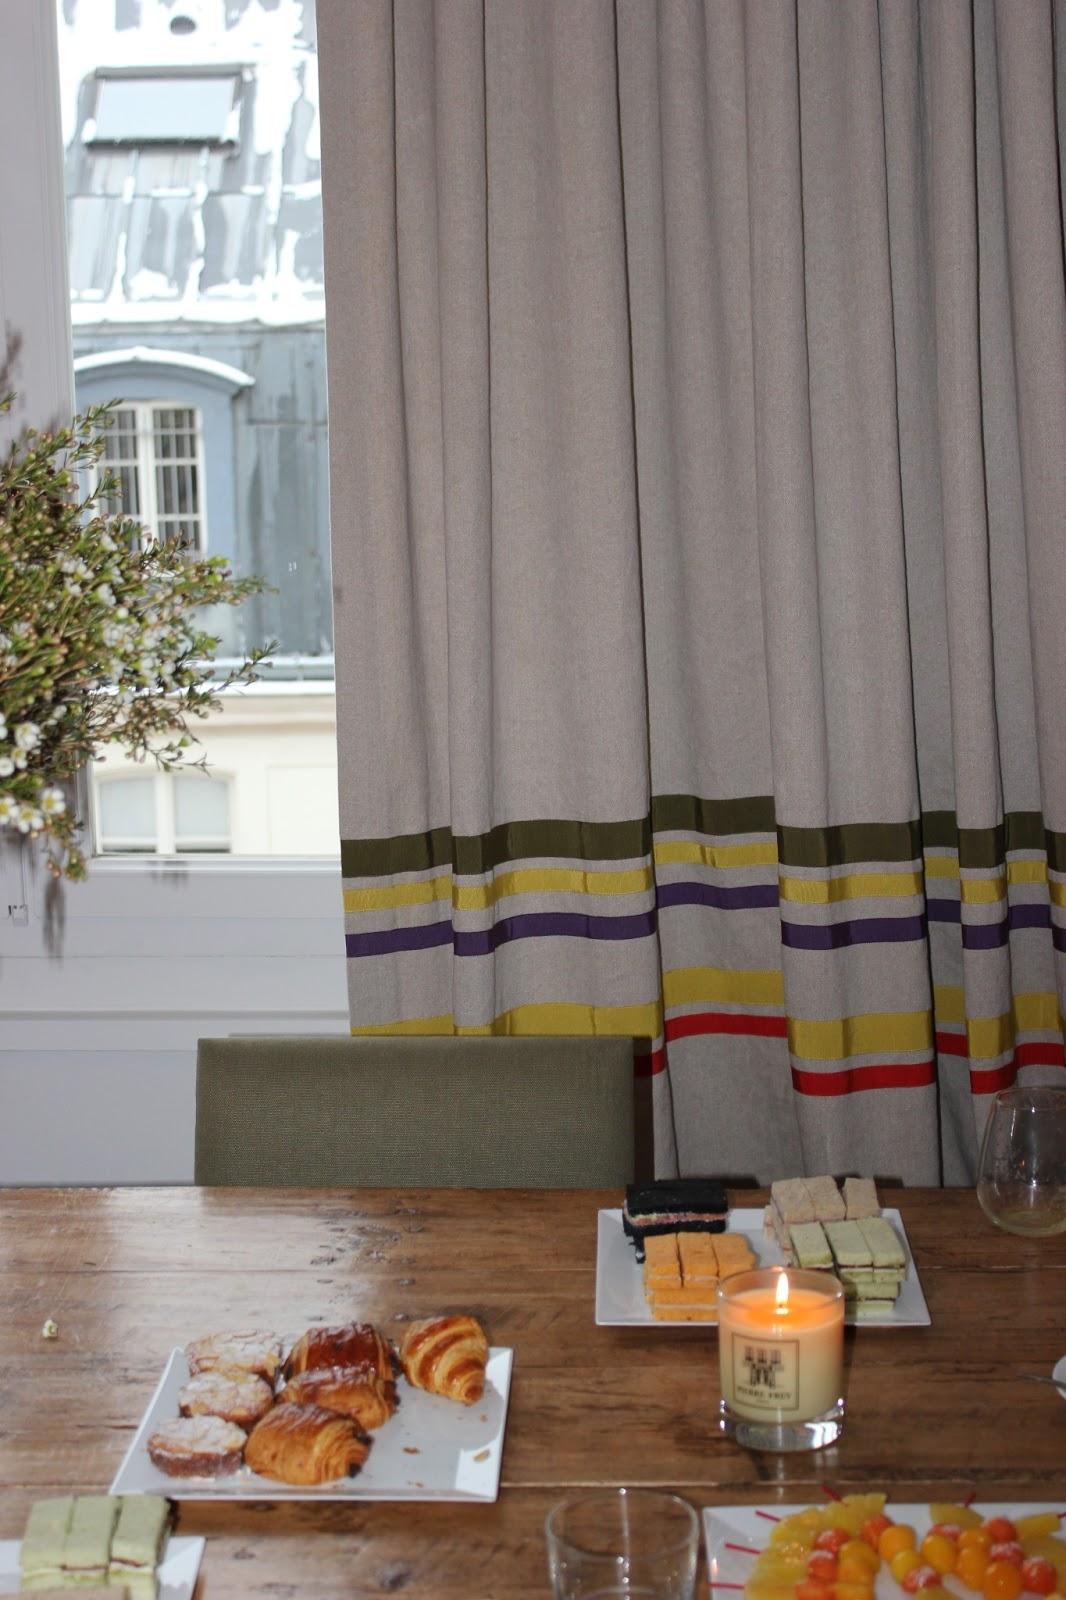 Atelier rue verte le blog un brunch tr s d co chez pierre frey paris d c - Pierre frey rue du mail ...